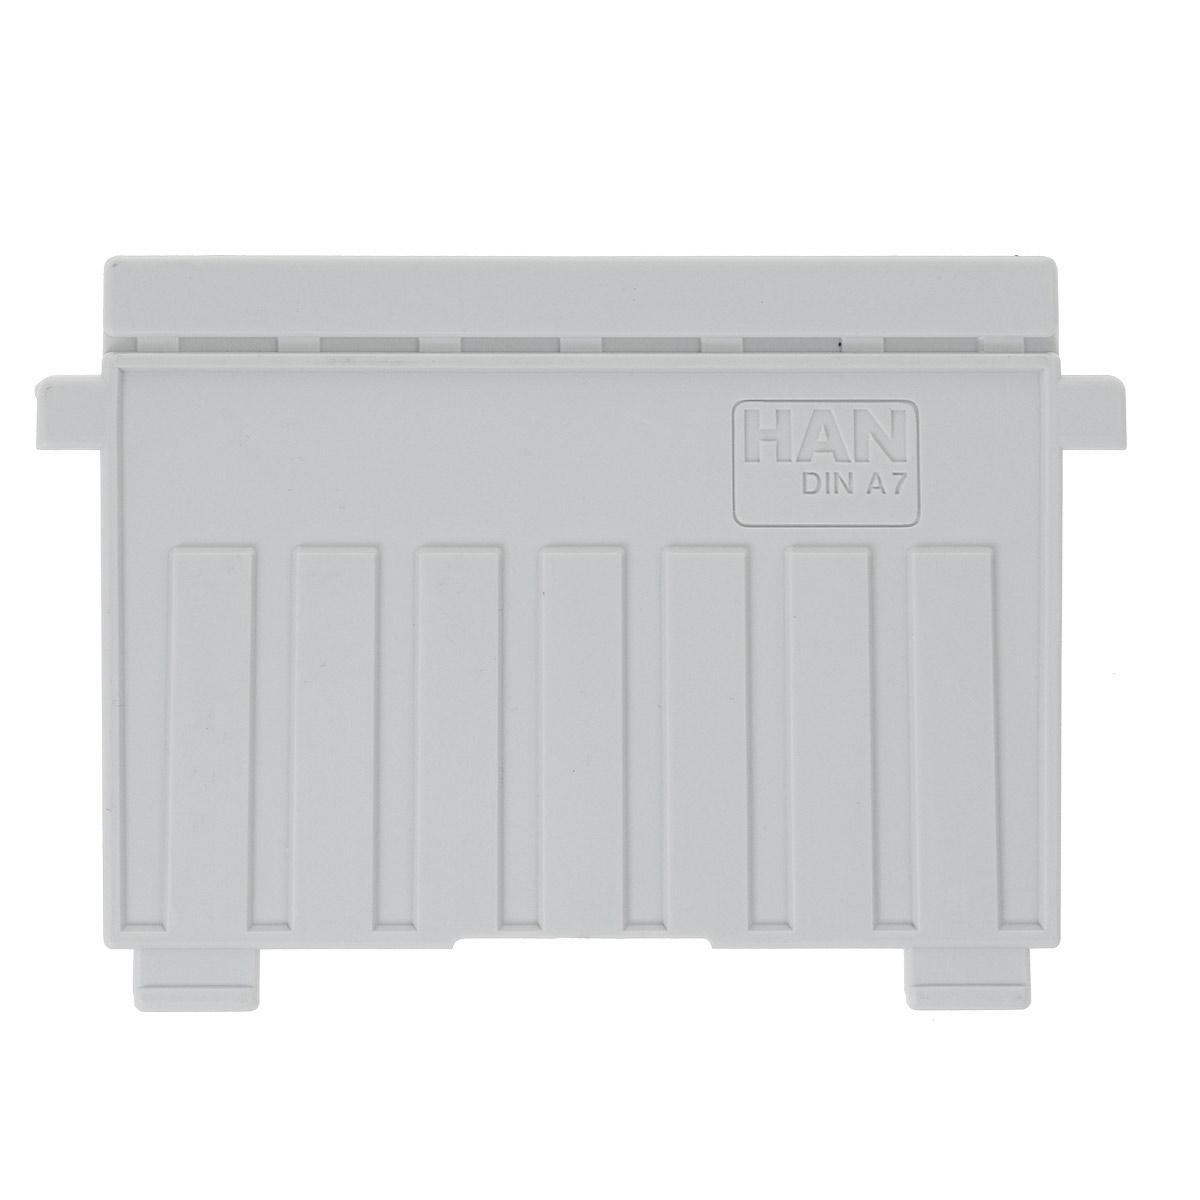 Разделитель для горизонтальной картотеки Han, цвет: серый. Формат А7HA9027/11Разделитель для картотеки Han изготовлен из пластика серого цвета. Предназначен для горизонтальных картотек HAN. Имеется специальное поле для установки индексного окна (сверху).